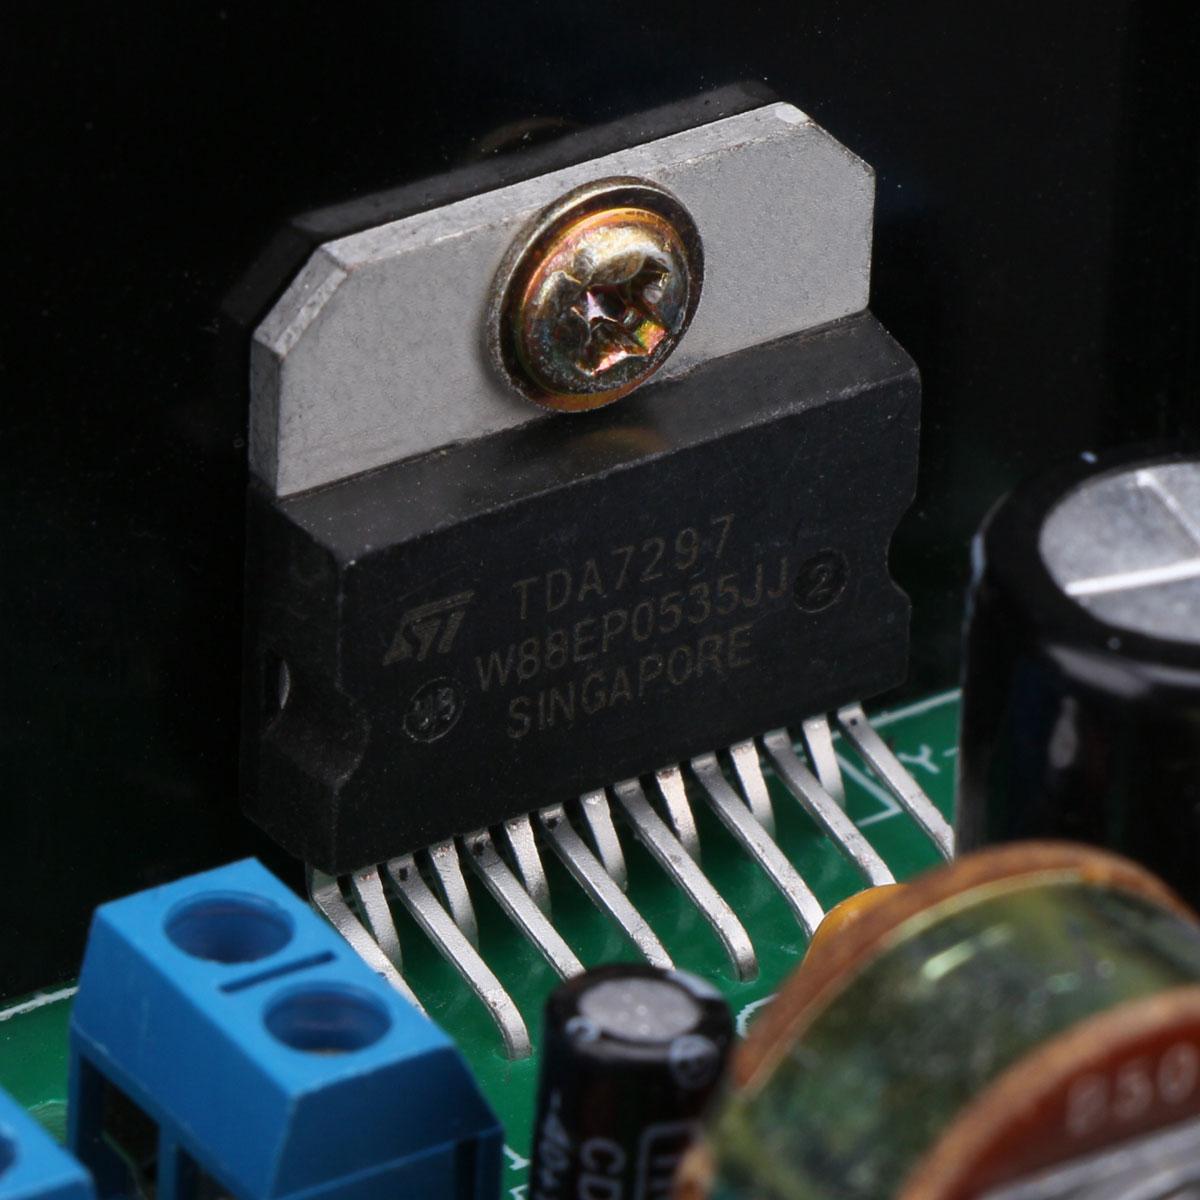 TDA7297 Chip